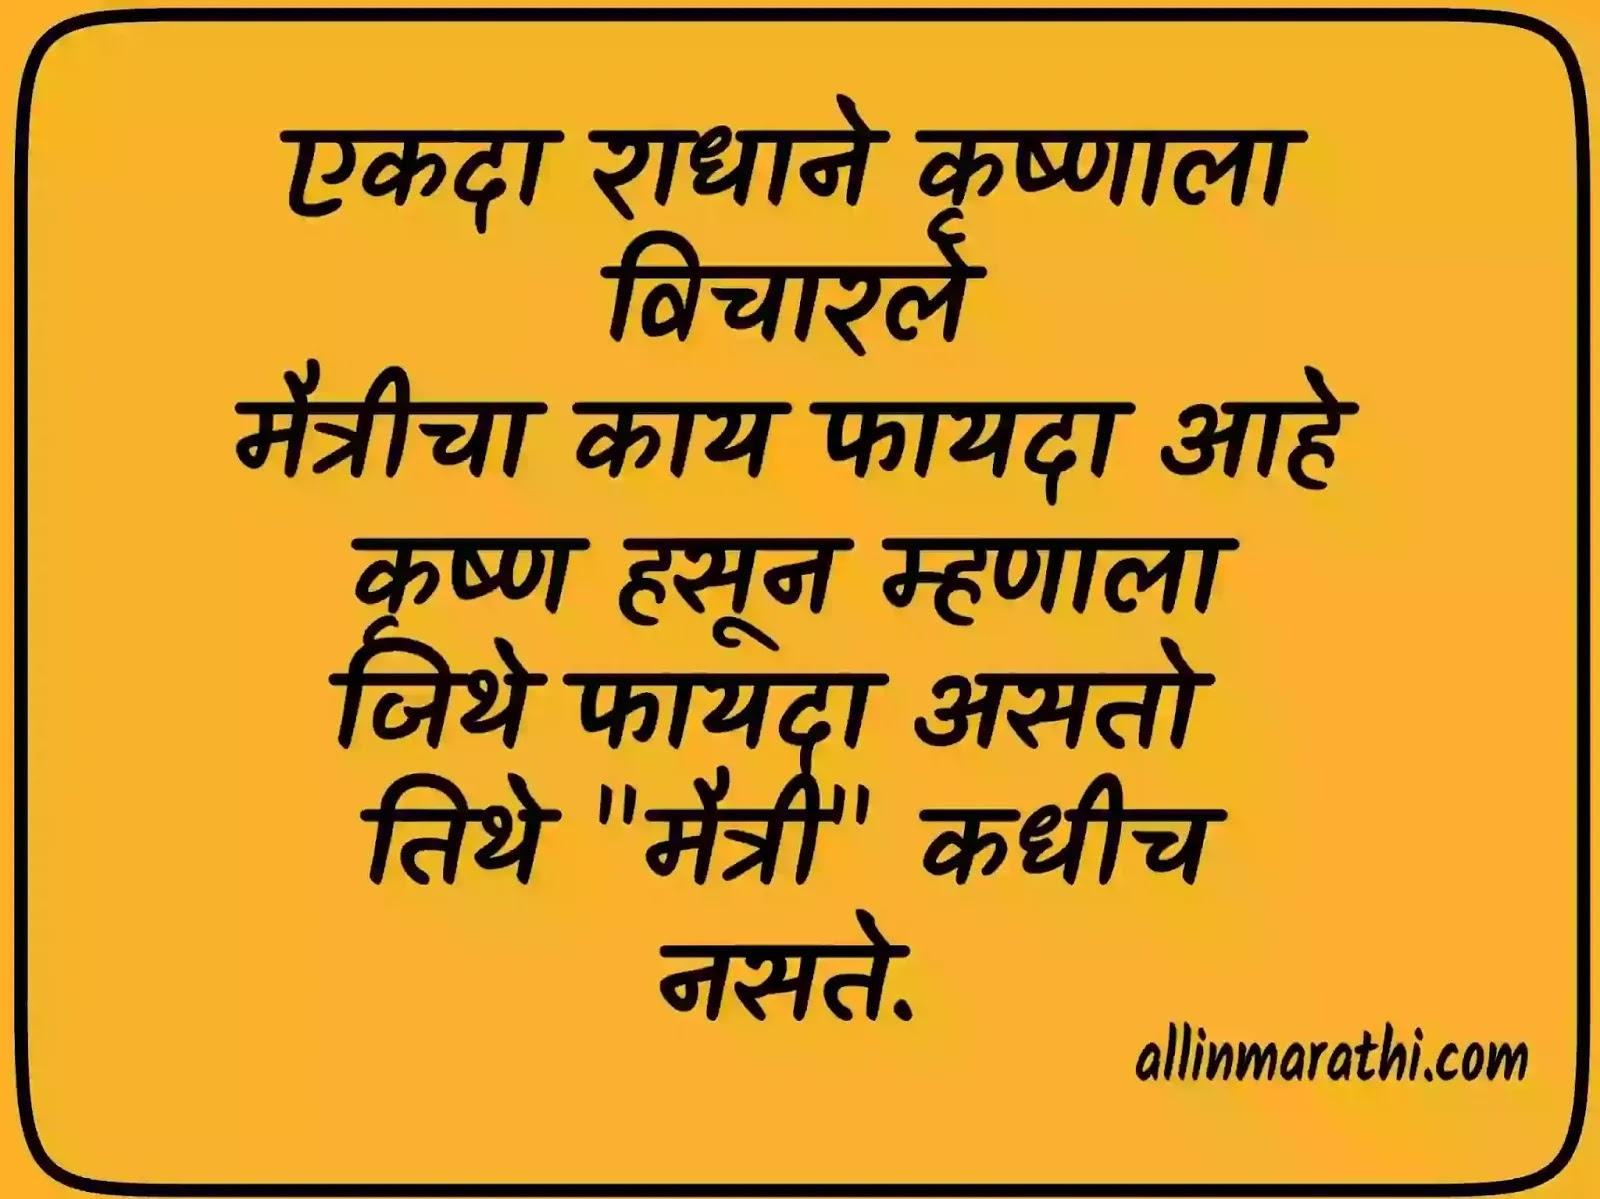 friendship suvichar marathi